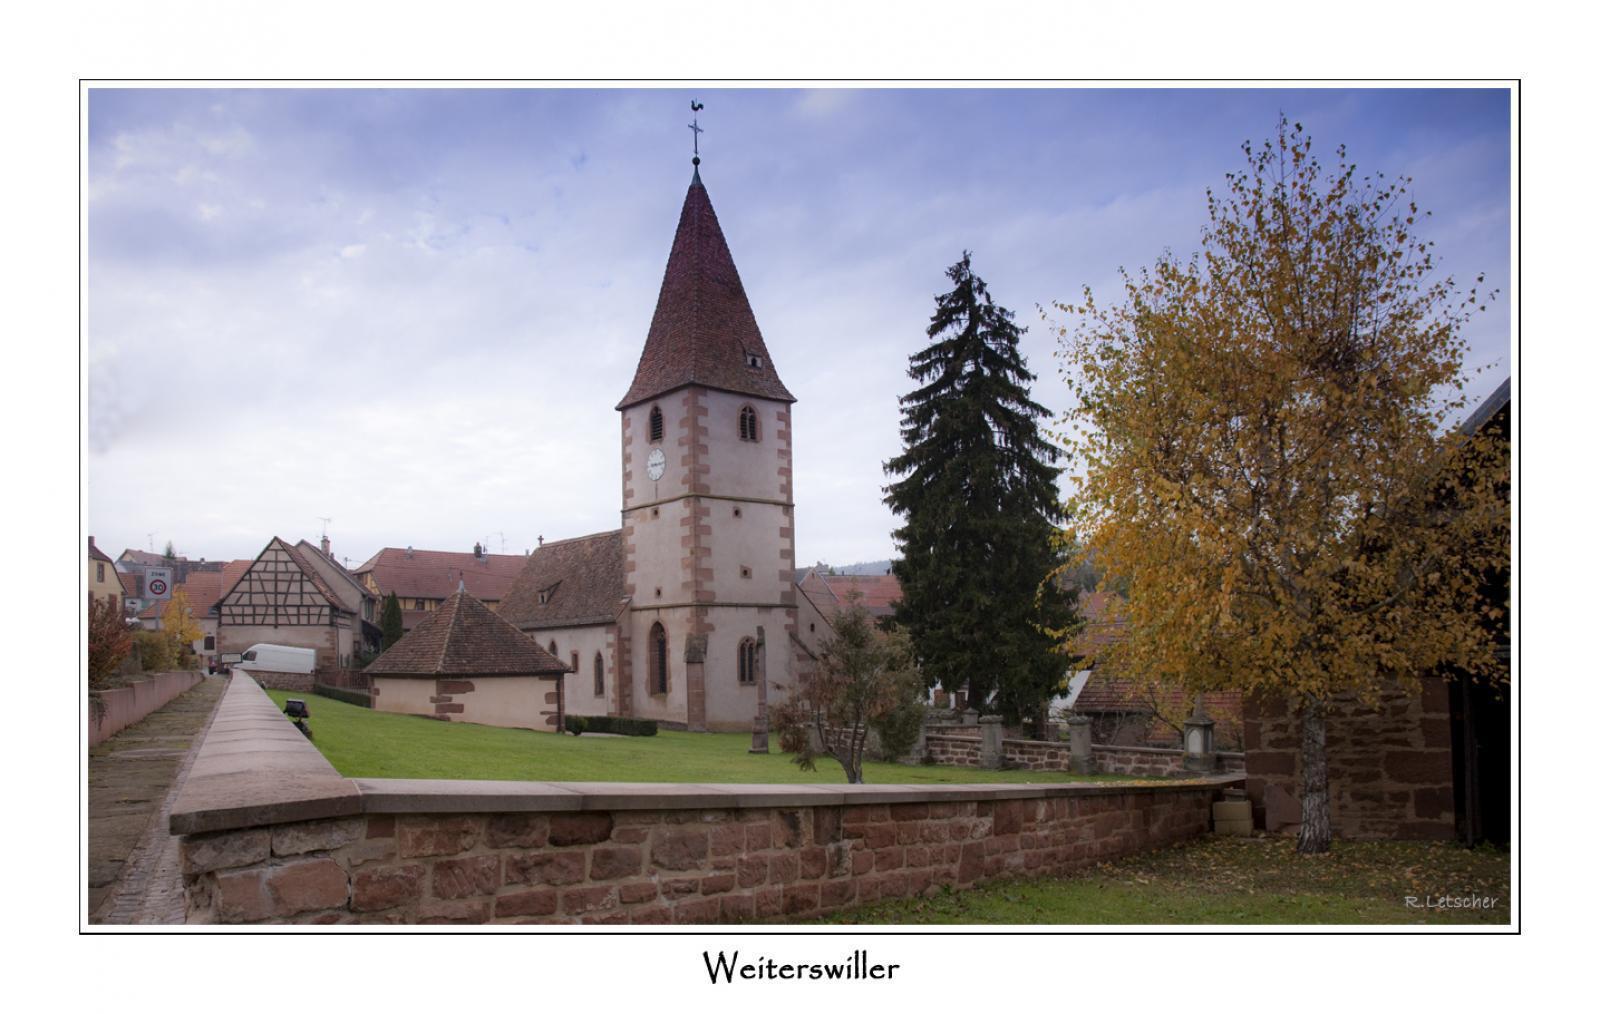 Eglise de Weiterswiller